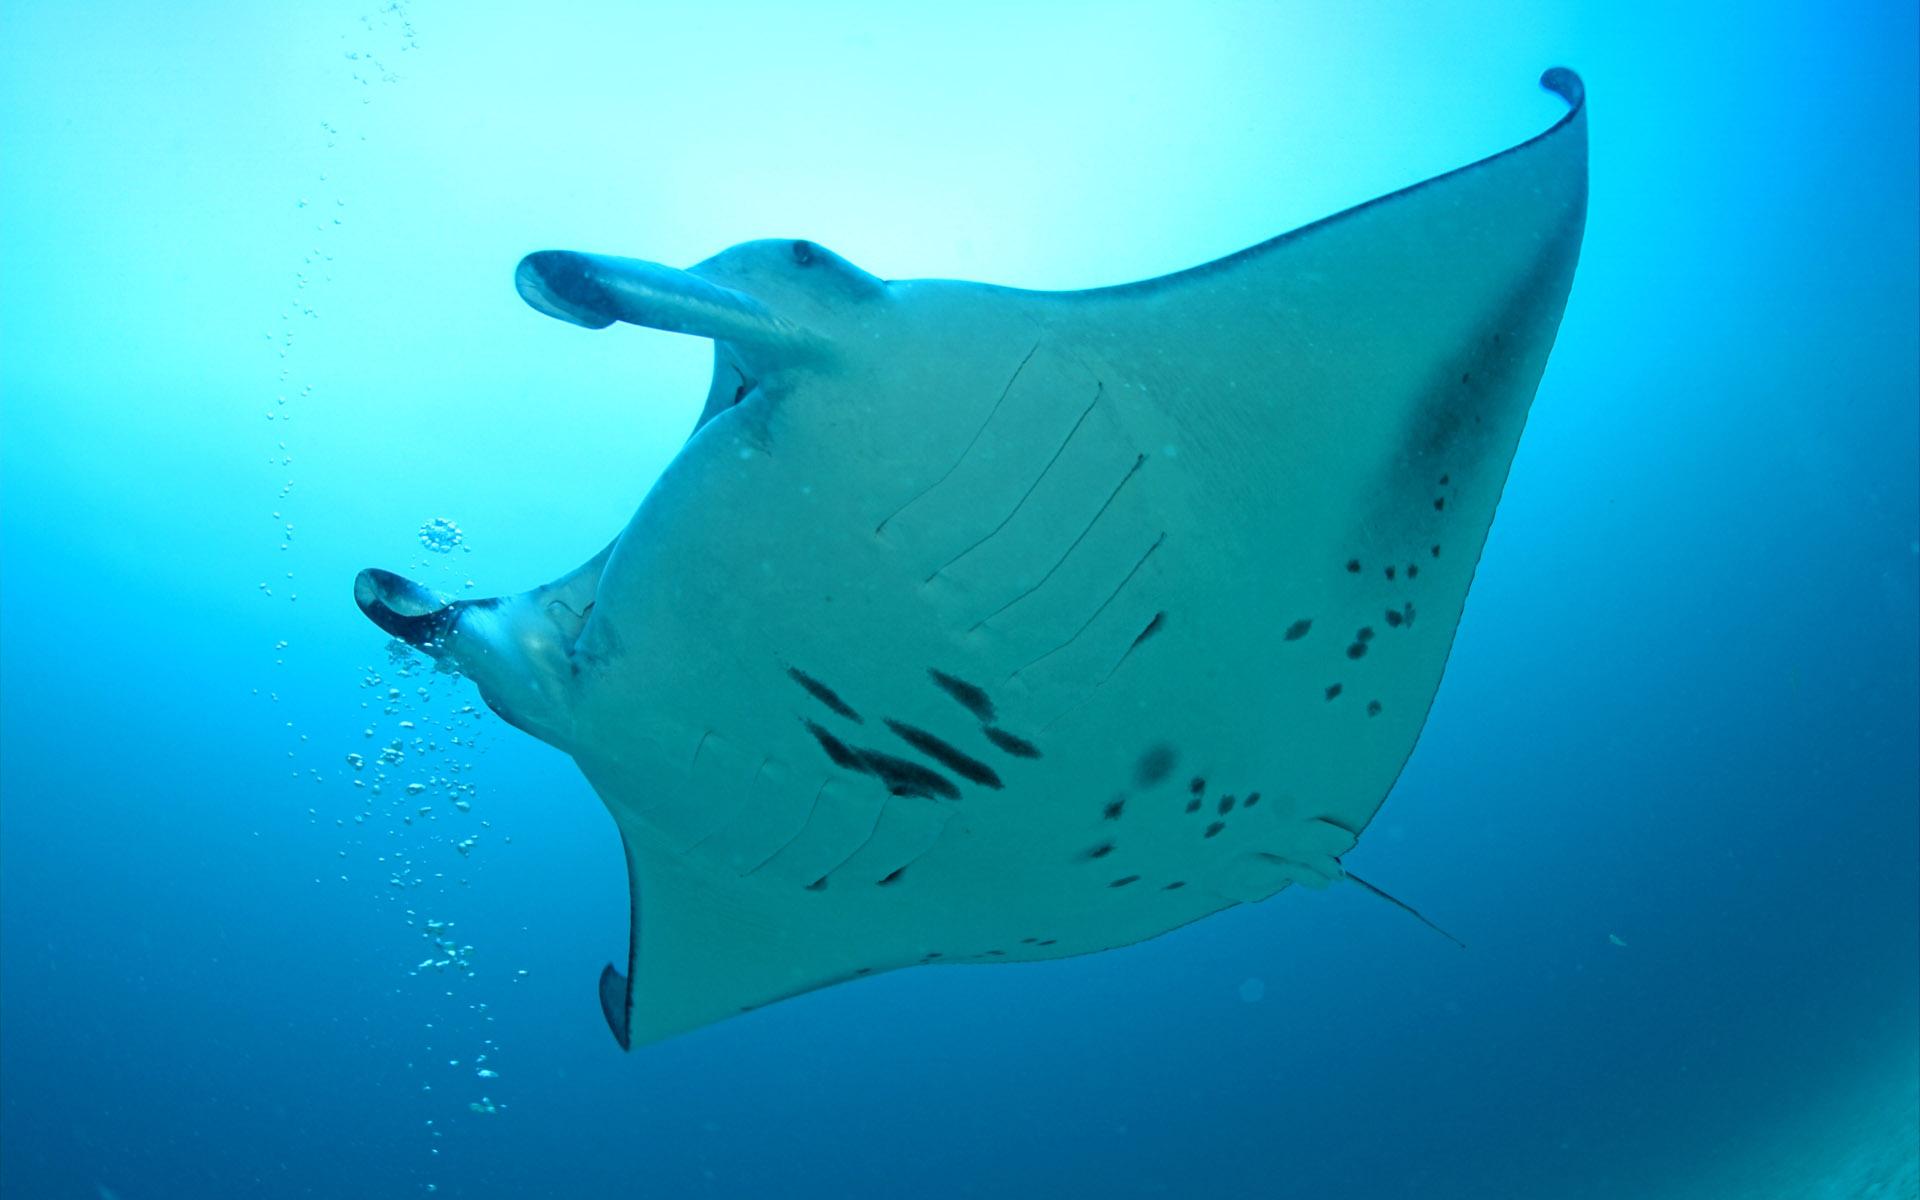 瑰丽多彩的海底世界高清壁纸[100p]